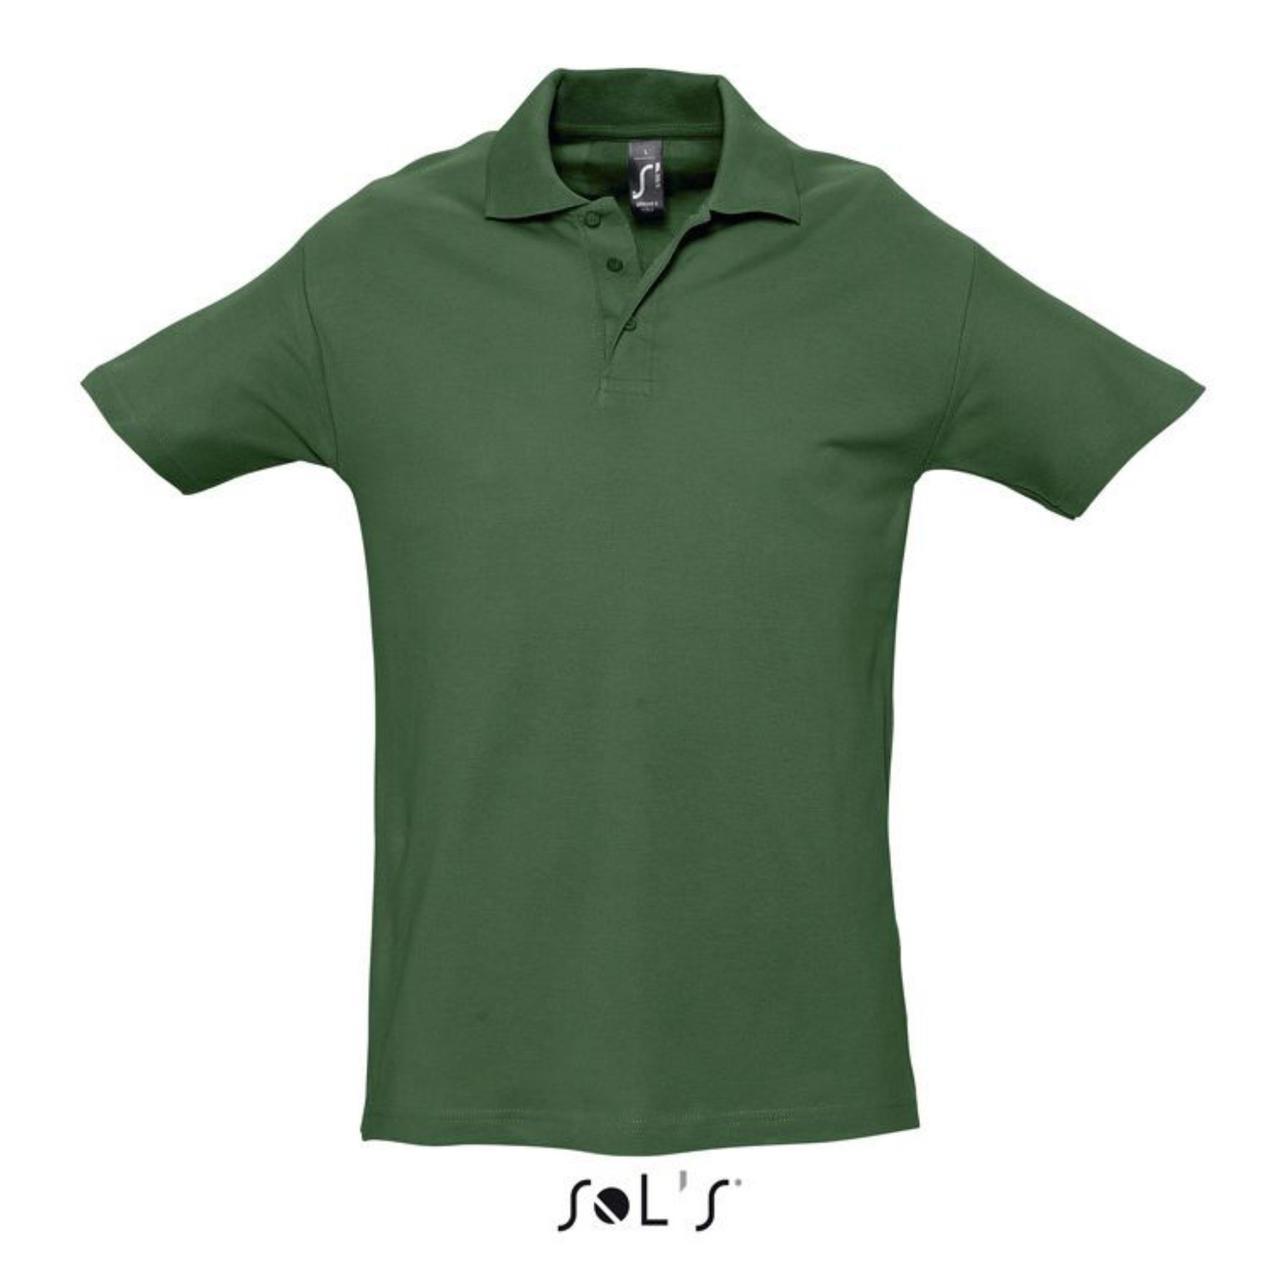 Рубашка поло SPRING II, цвет Golf green, размер S